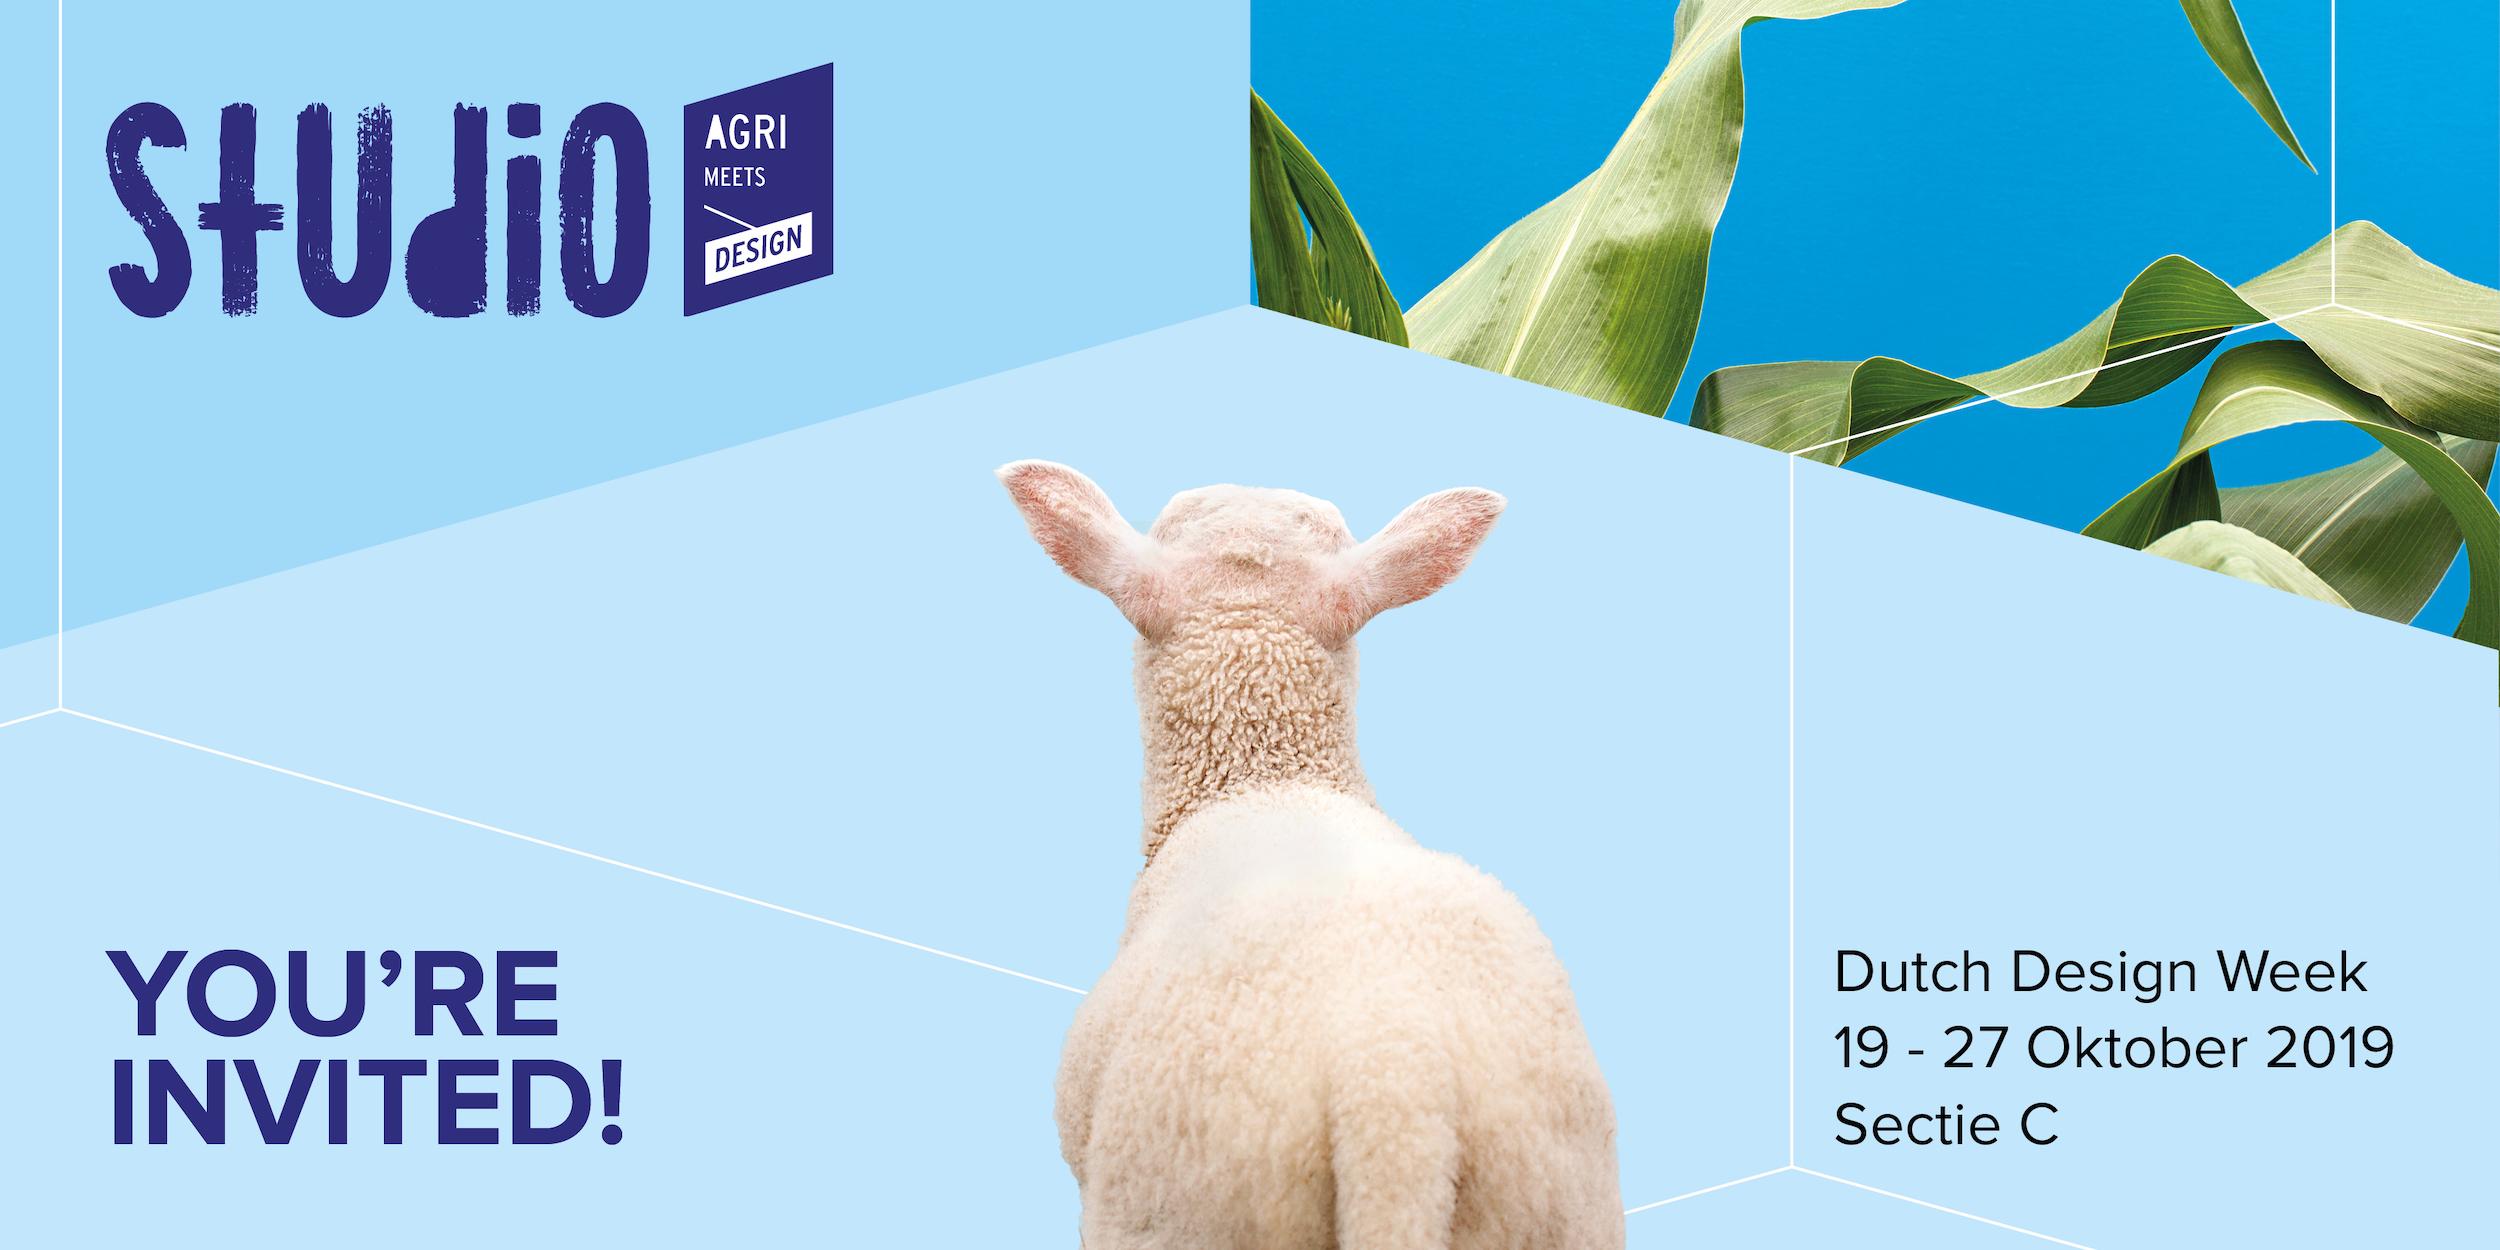 Agri meets Design STUDIO